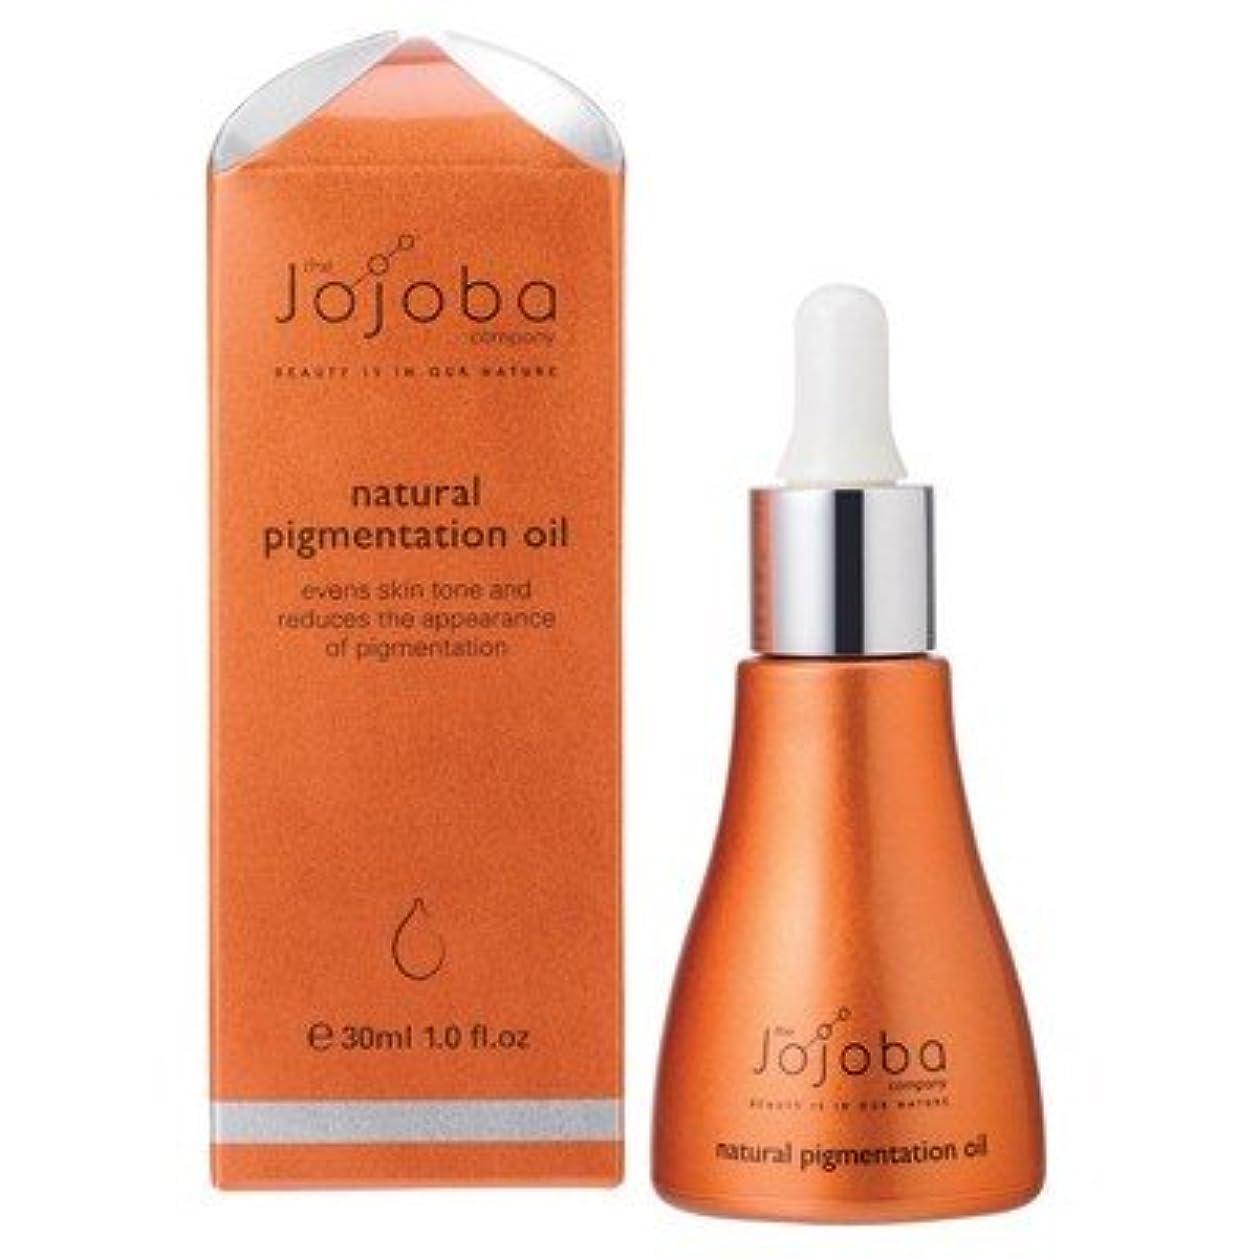 ハシー取り替える受益者the Jojoba Company Natural Pigmentation Oil ナチュラルピグメンテーションオイル 30ml [海外直送品]